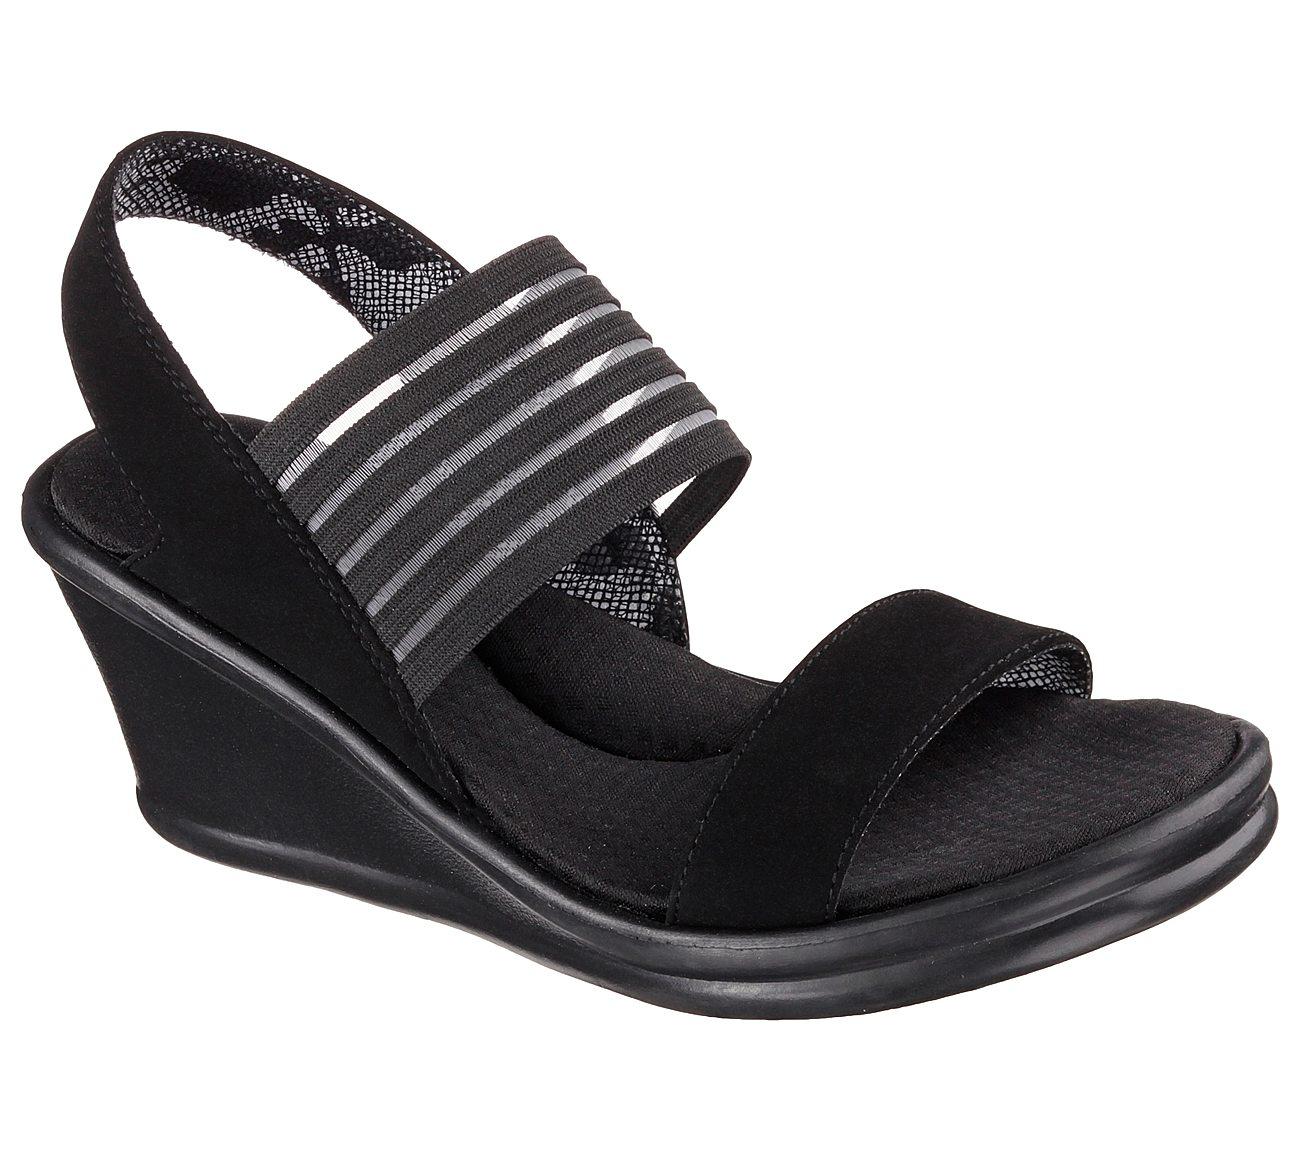 580e4de7e8b73a Buy SKECHERS Rumblers - Sci Fi Cali Shoes only  30.80